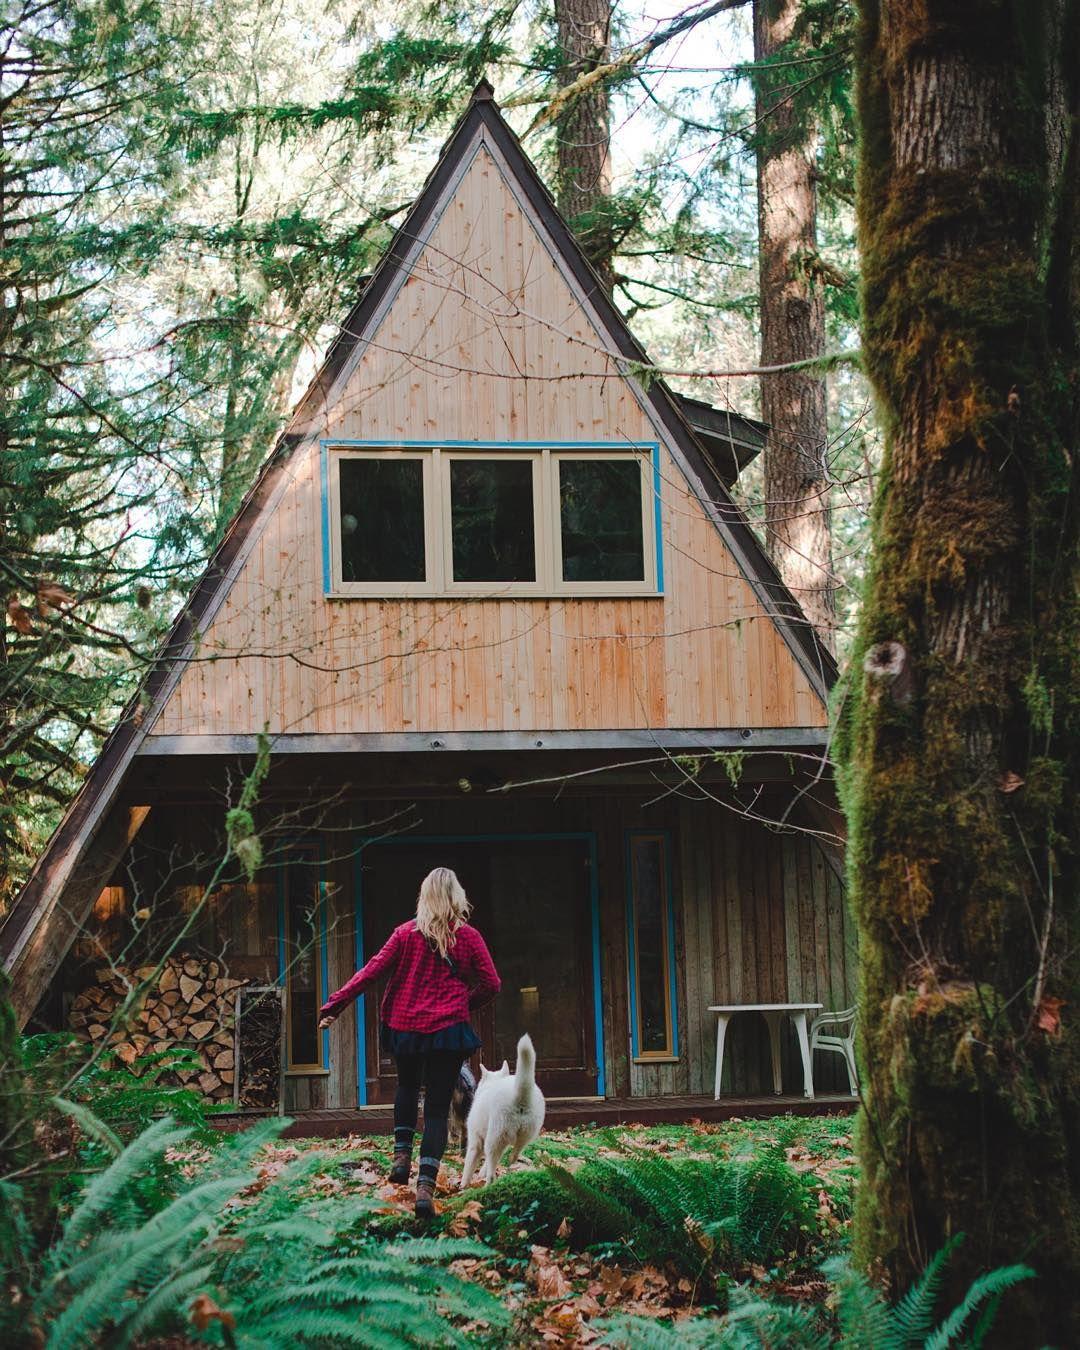 Tiny Home Designs: A Frame House Plans, A Frame